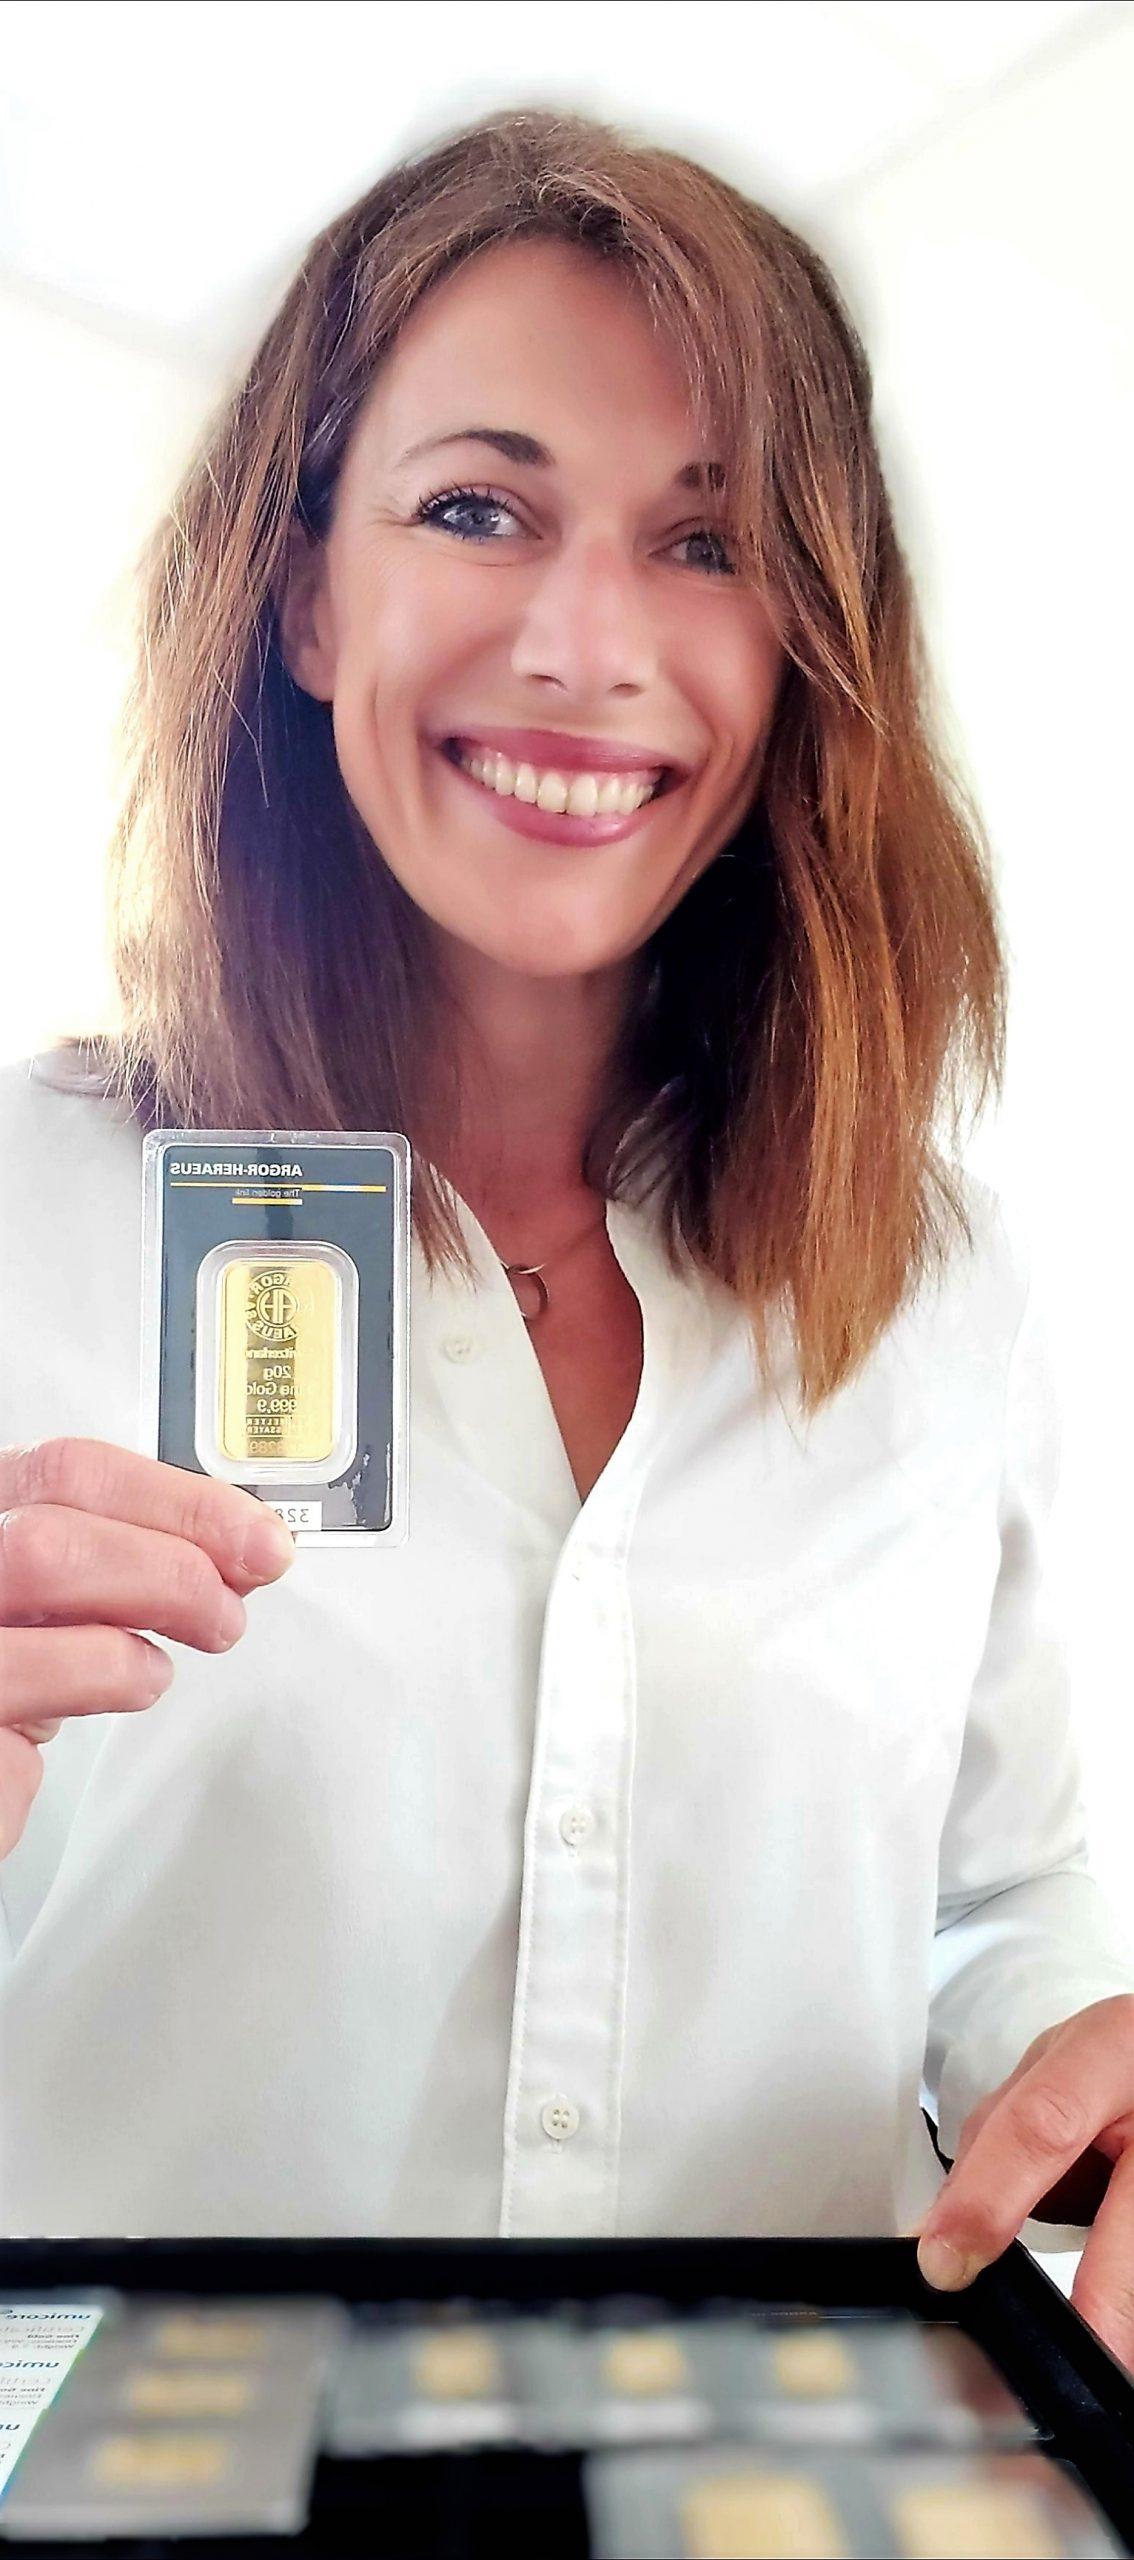 vente de lingotins neuf et certifiés